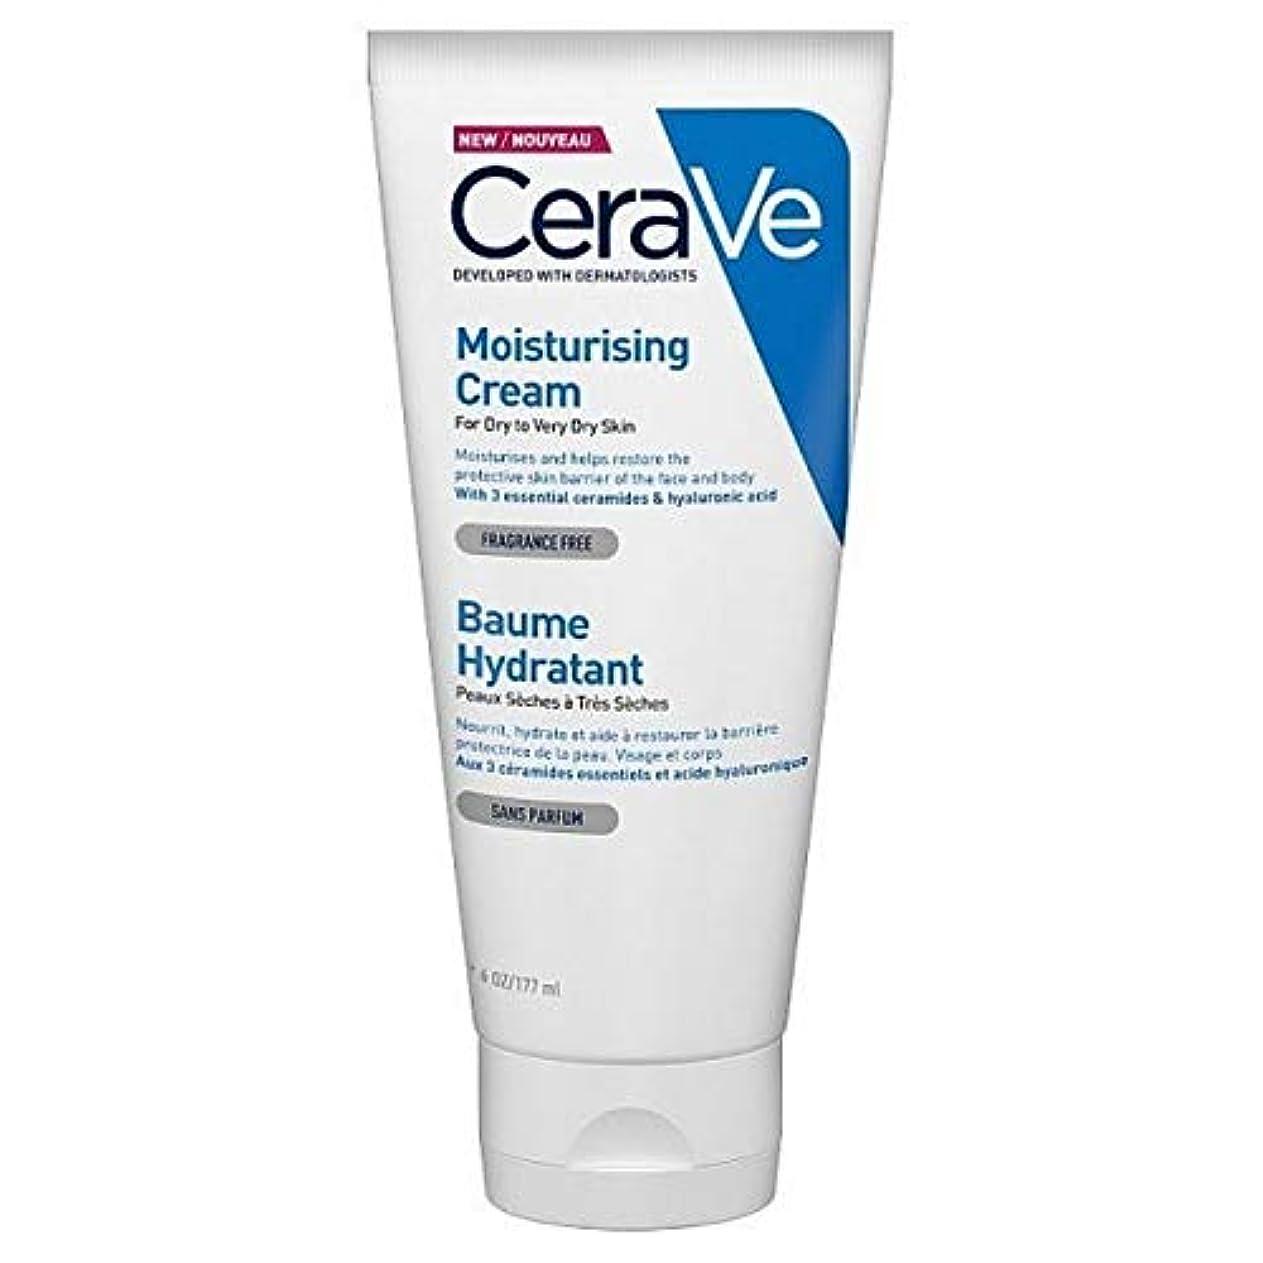 郡ジャンル凍結[CeraVe] Cerave保湿クリームチューブ177ミリリットル - CeraVe Moisturising Cream Tube 177ml [並行輸入品]